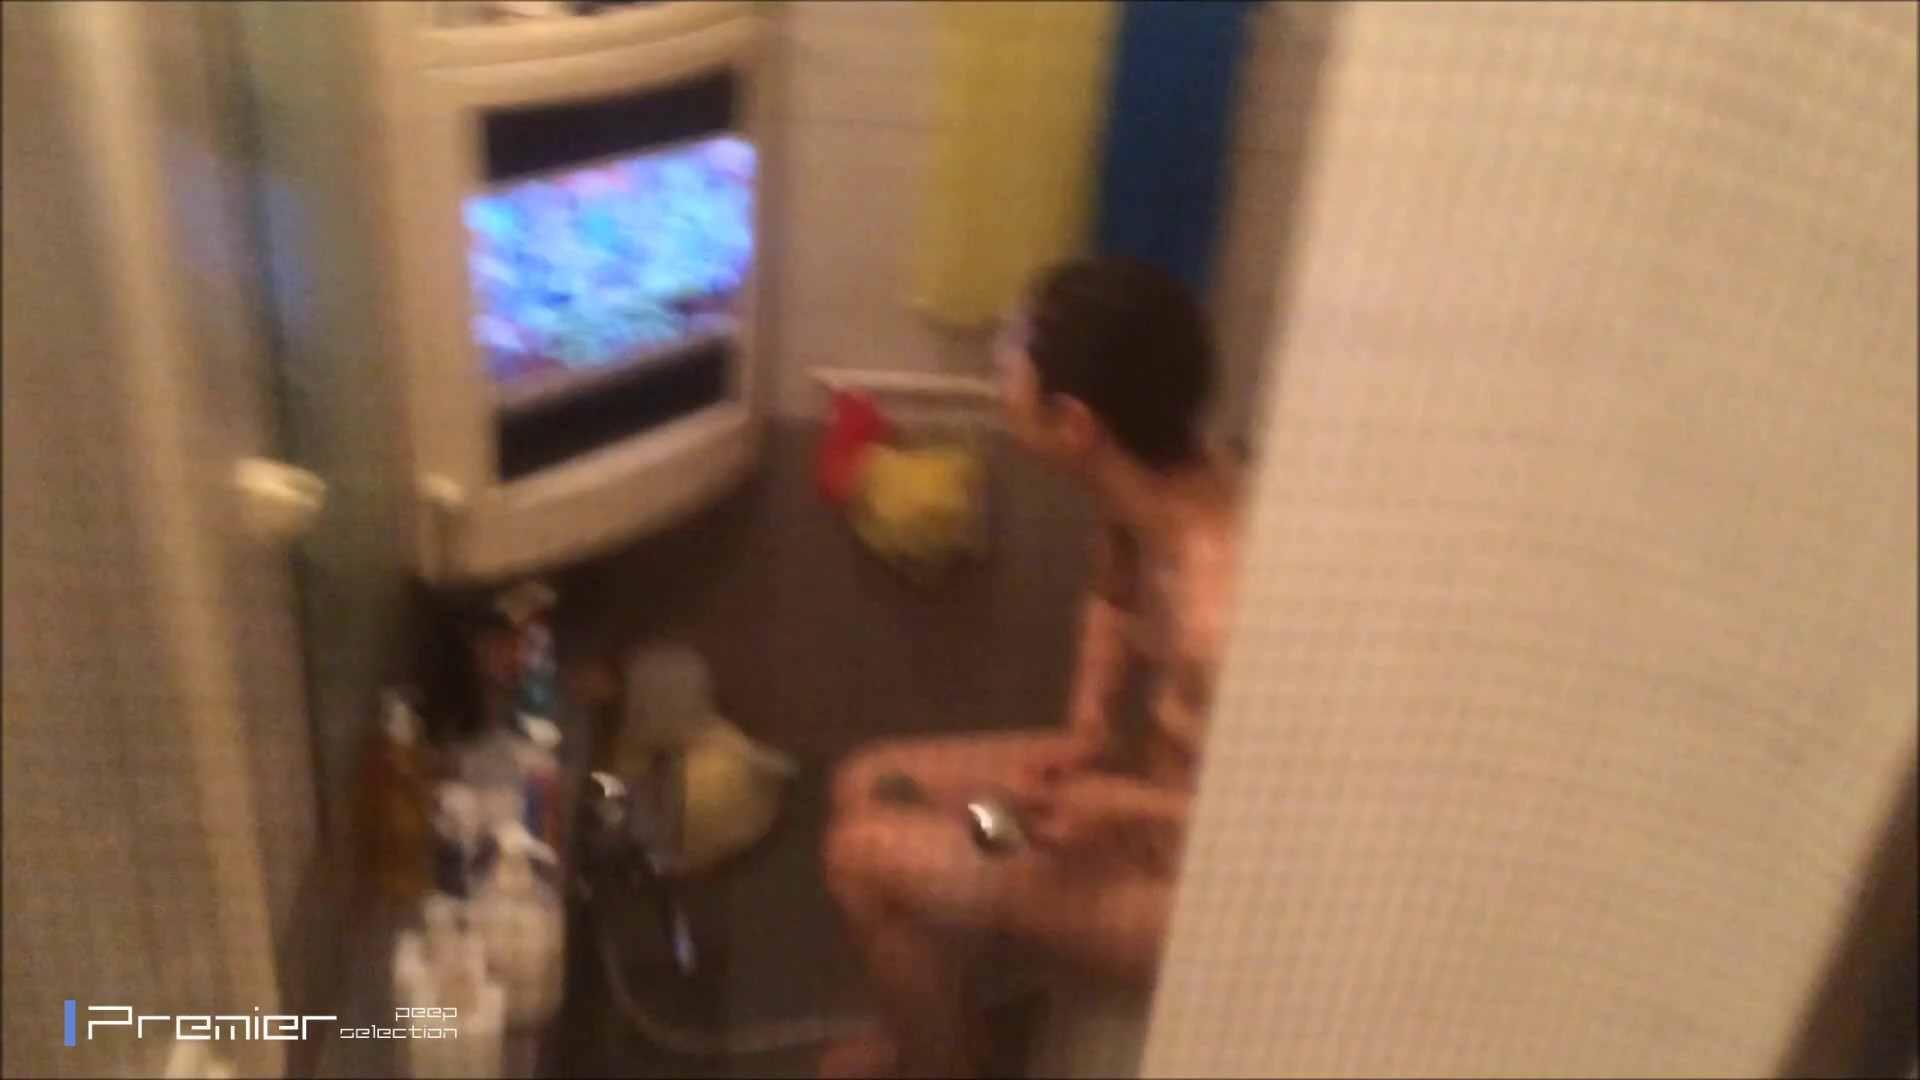 美女のテレビを見ながらの入浴 乙女の風呂場 Vol.21 美女 おめこ無修正動画無料 111画像 69